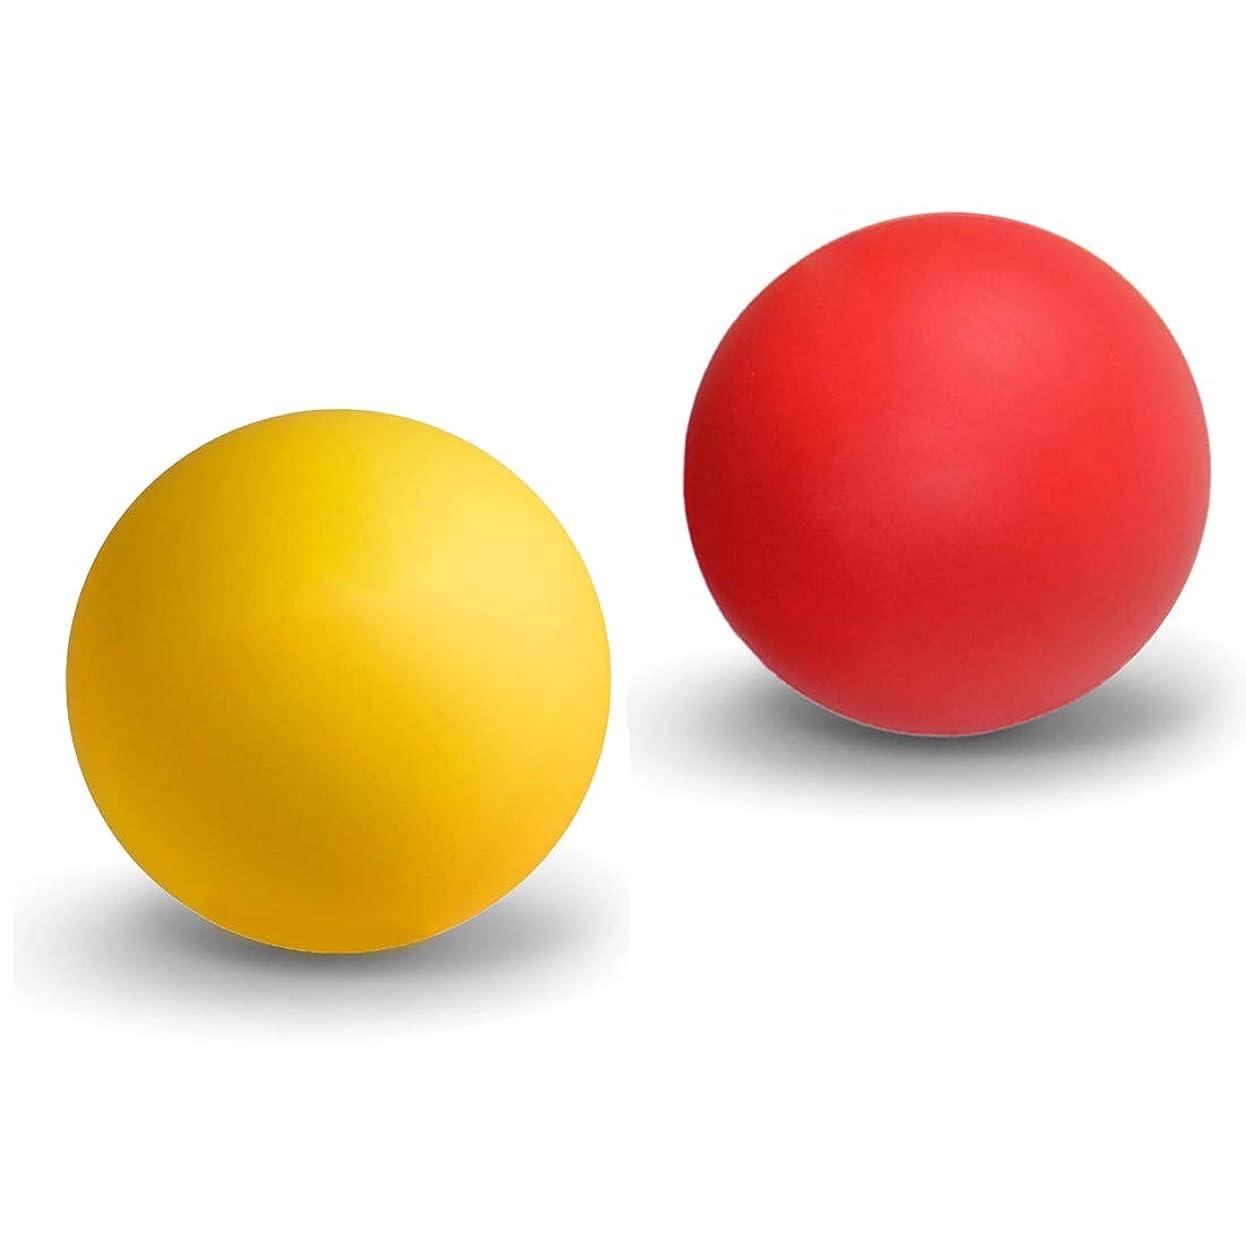 鮫明快音楽マッサージボール ストレッチボール トリガーポイント ラクロスボール 筋膜リリース トレーニング 指圧ボールマッスルマッサージボール 背中 肩こり 腰 ふくらはぎ 足裏 ツボ押しグッズ 2で1組み合わせ 2個 セット